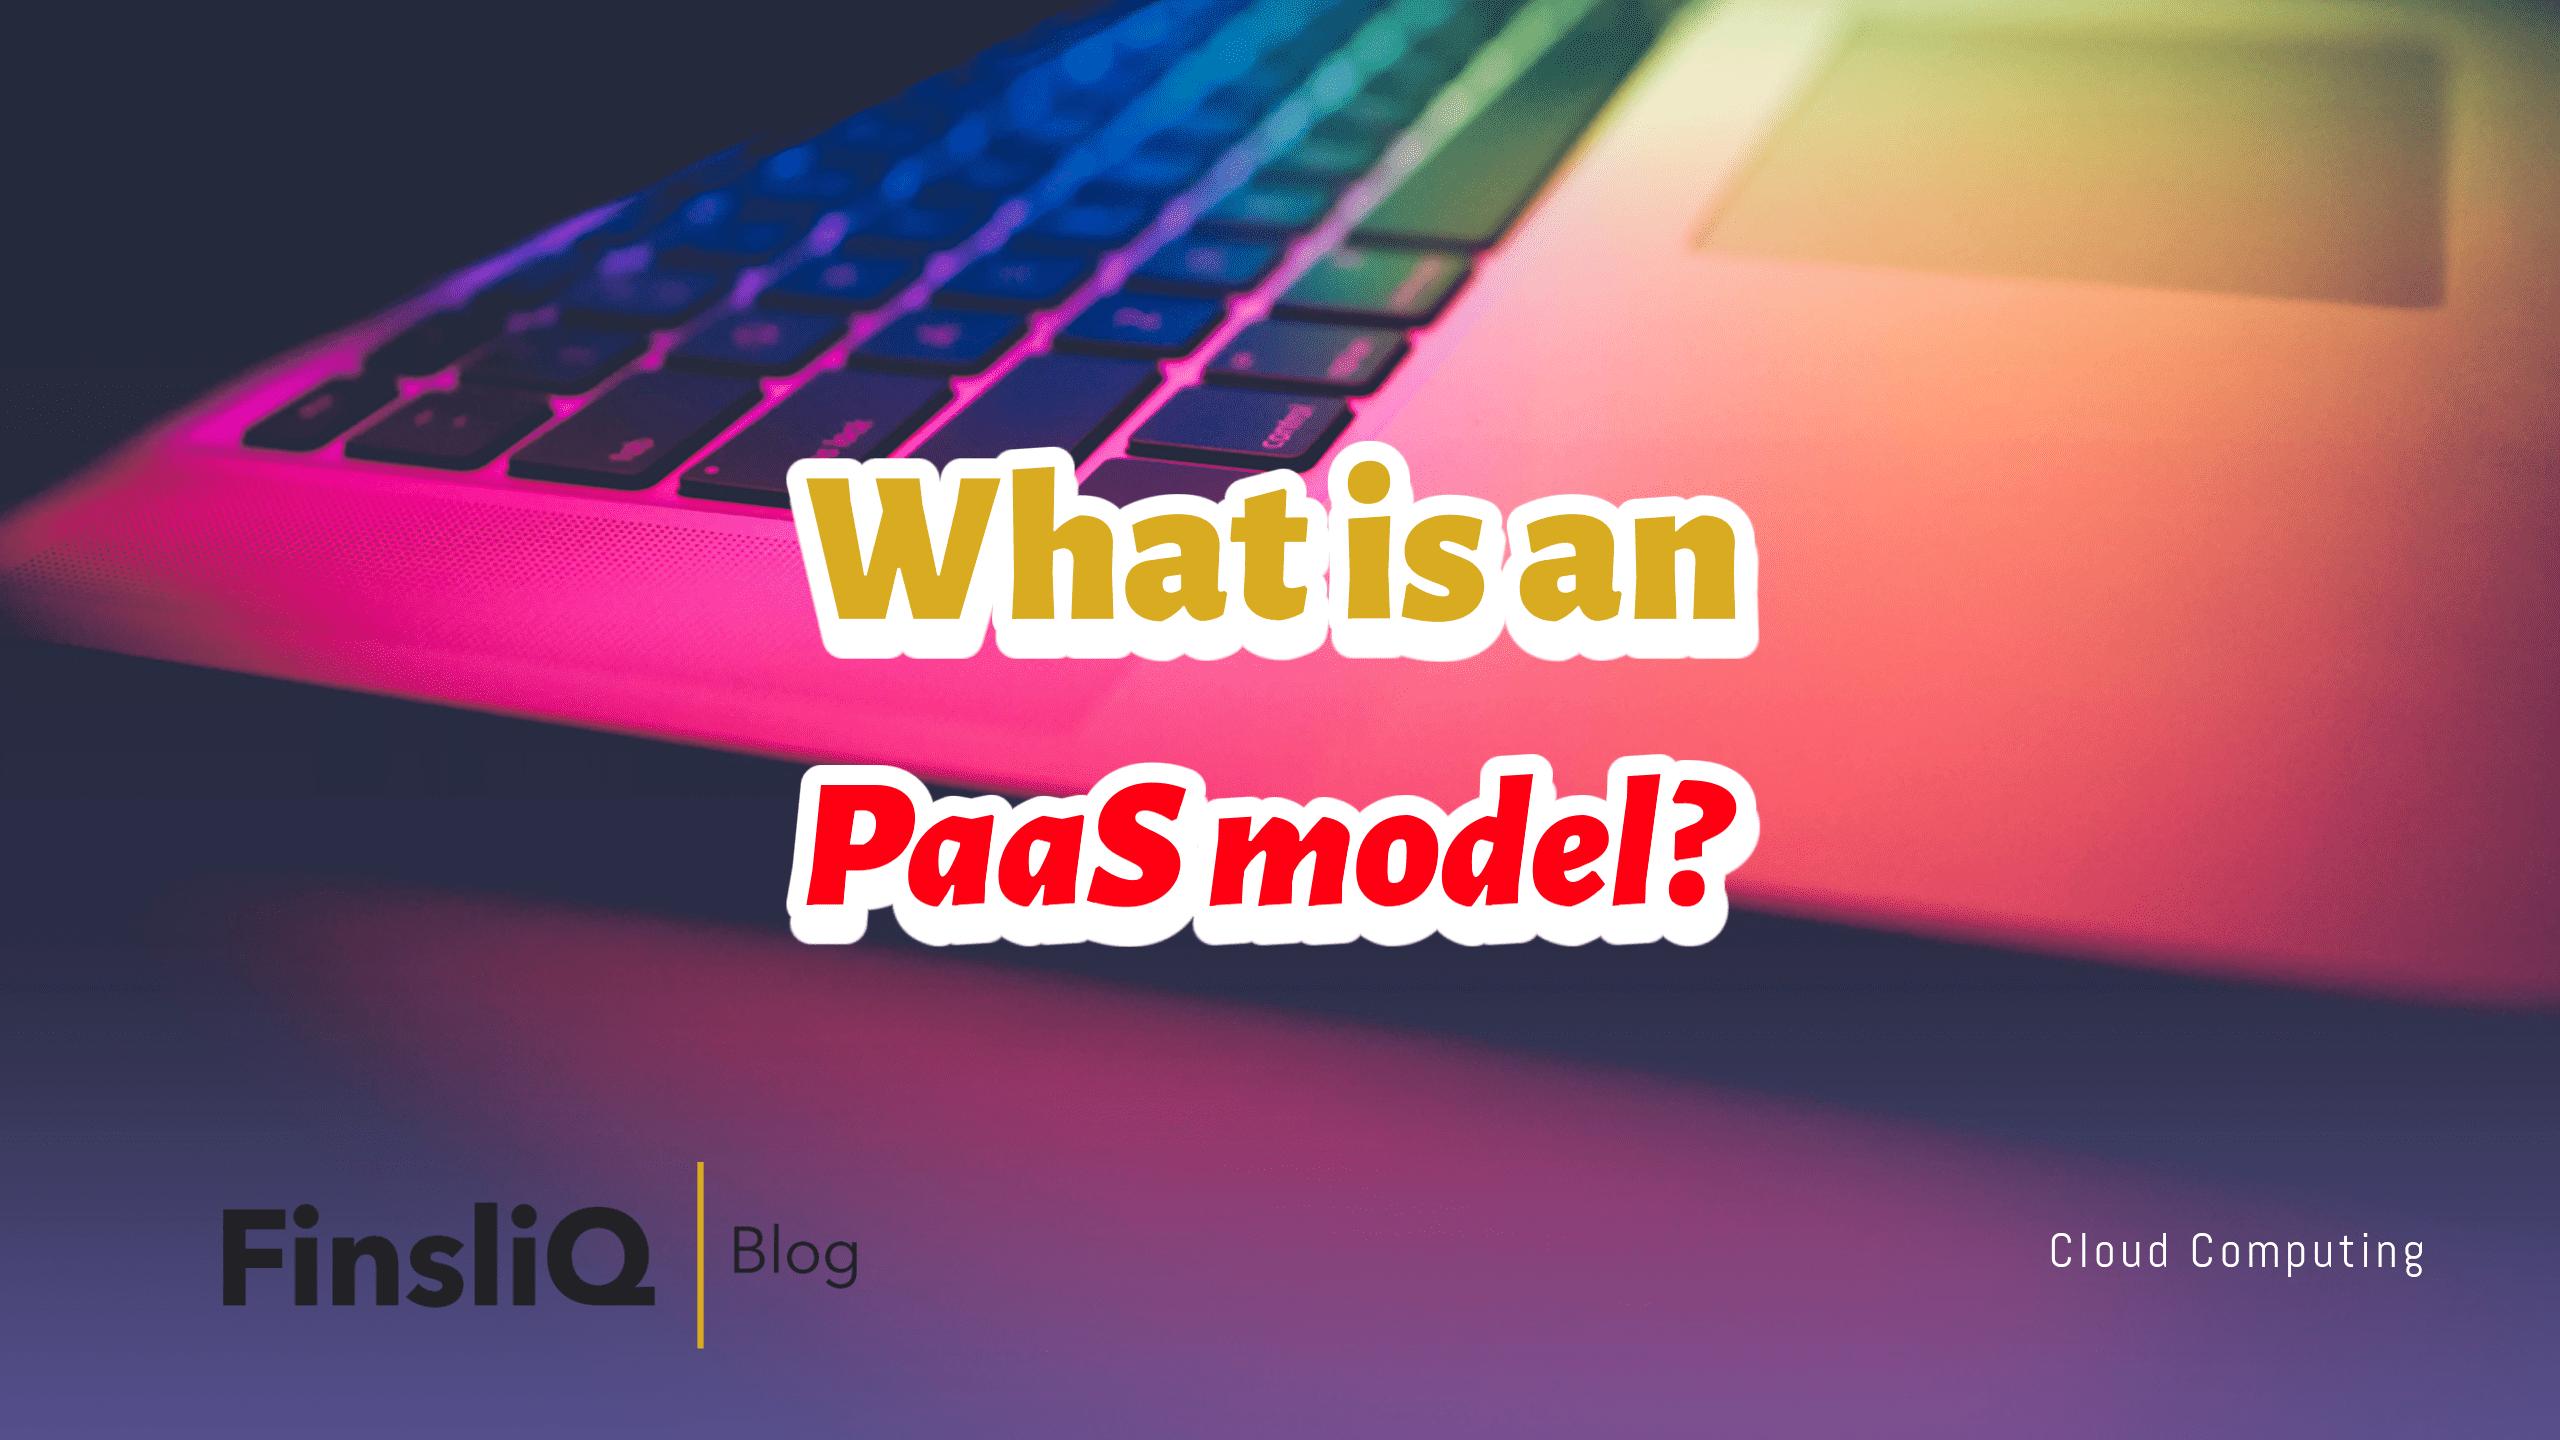 paas model in cloud computing